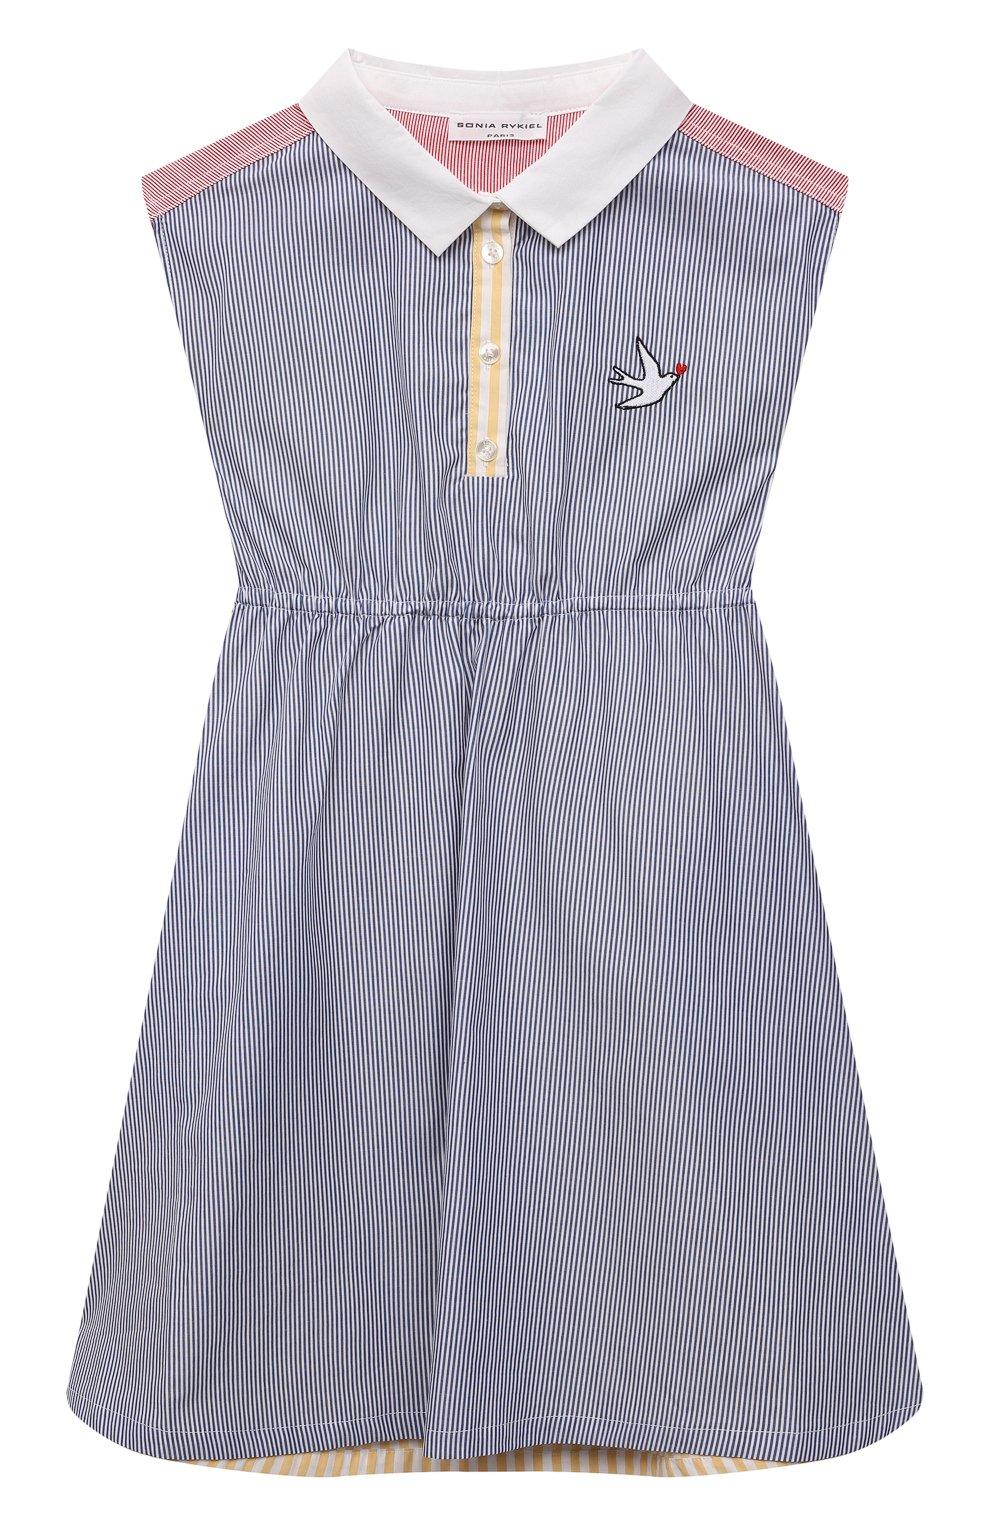 Детское хлопковое платье SONIA RYKIEL ENFANT синего цвета, арт. 21S1DR02 | Фото 1 (Случай: Повседневный; Материал внешний: Хлопок; Рукава: Без рукавов; Девочки Кросс-КТ: Платье-одежда; Ростовка одежда: 10 - 11 лет | 140 - 146см, 12 лет | 152 см, 13 - 15 лет | 158 см, 4 года | 104 см, 6 лет | 116 см, 8 лет | 128 см)